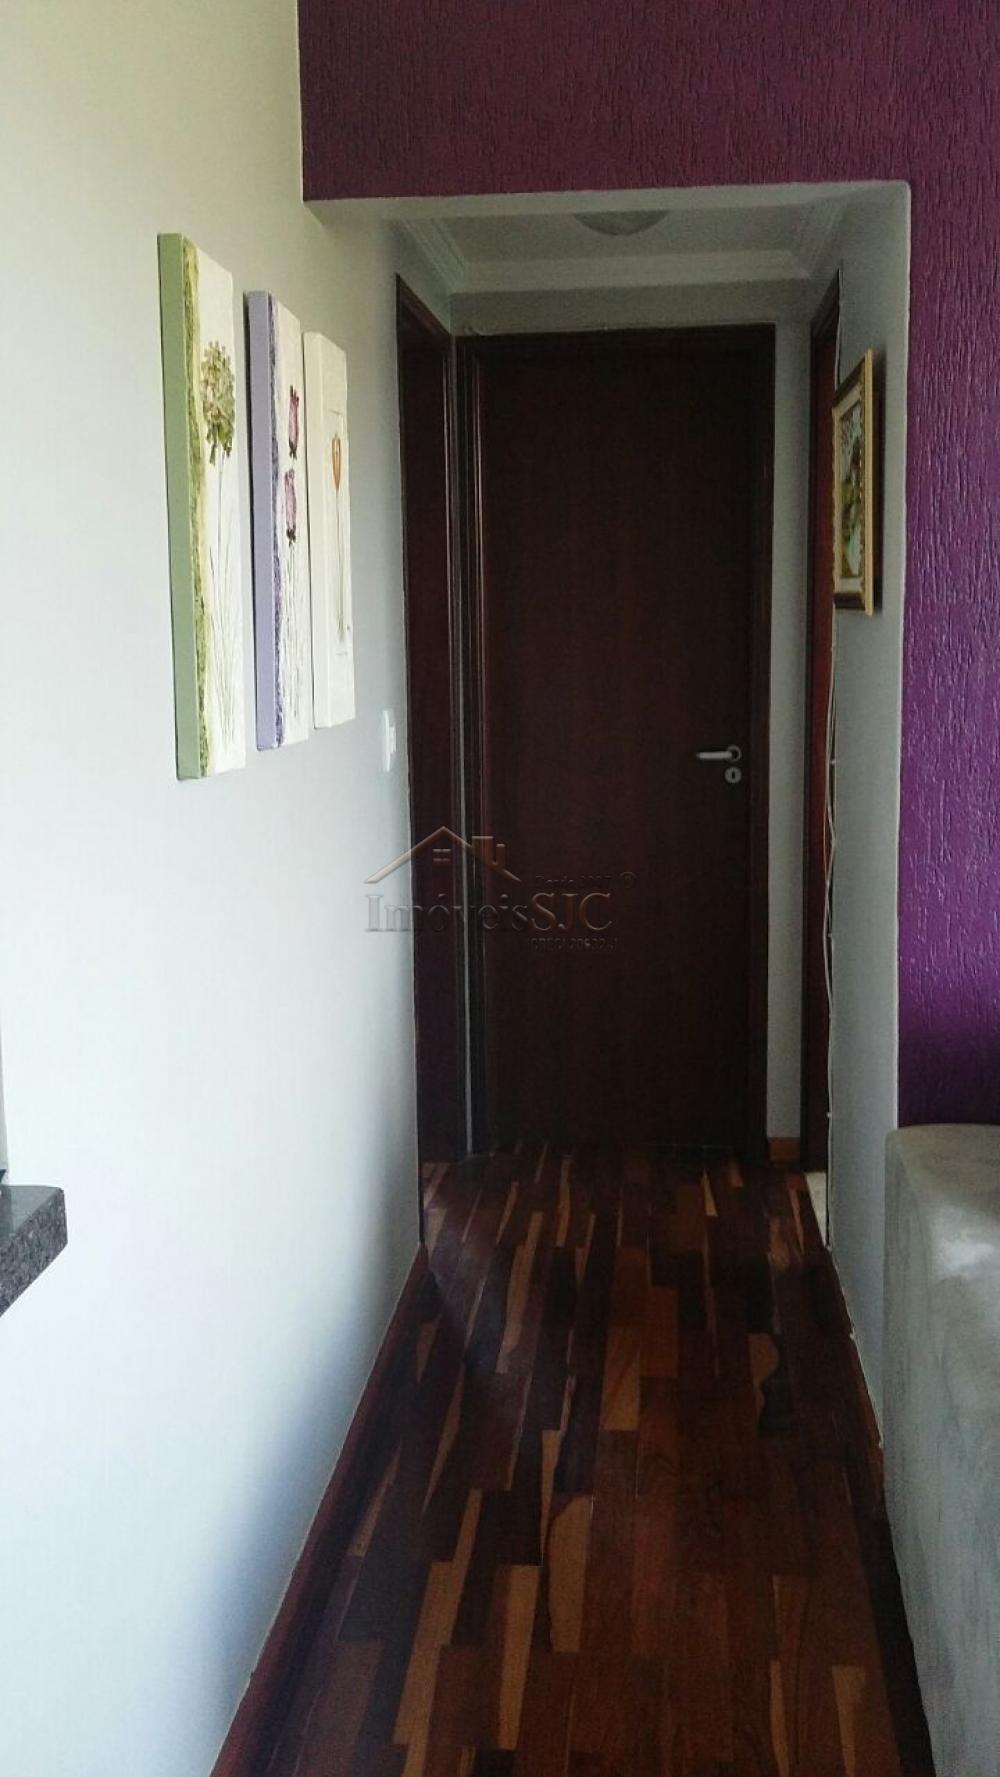 Comprar Apartamentos / Padrão em São José dos Campos apenas R$ 245.000,00 - Foto 3